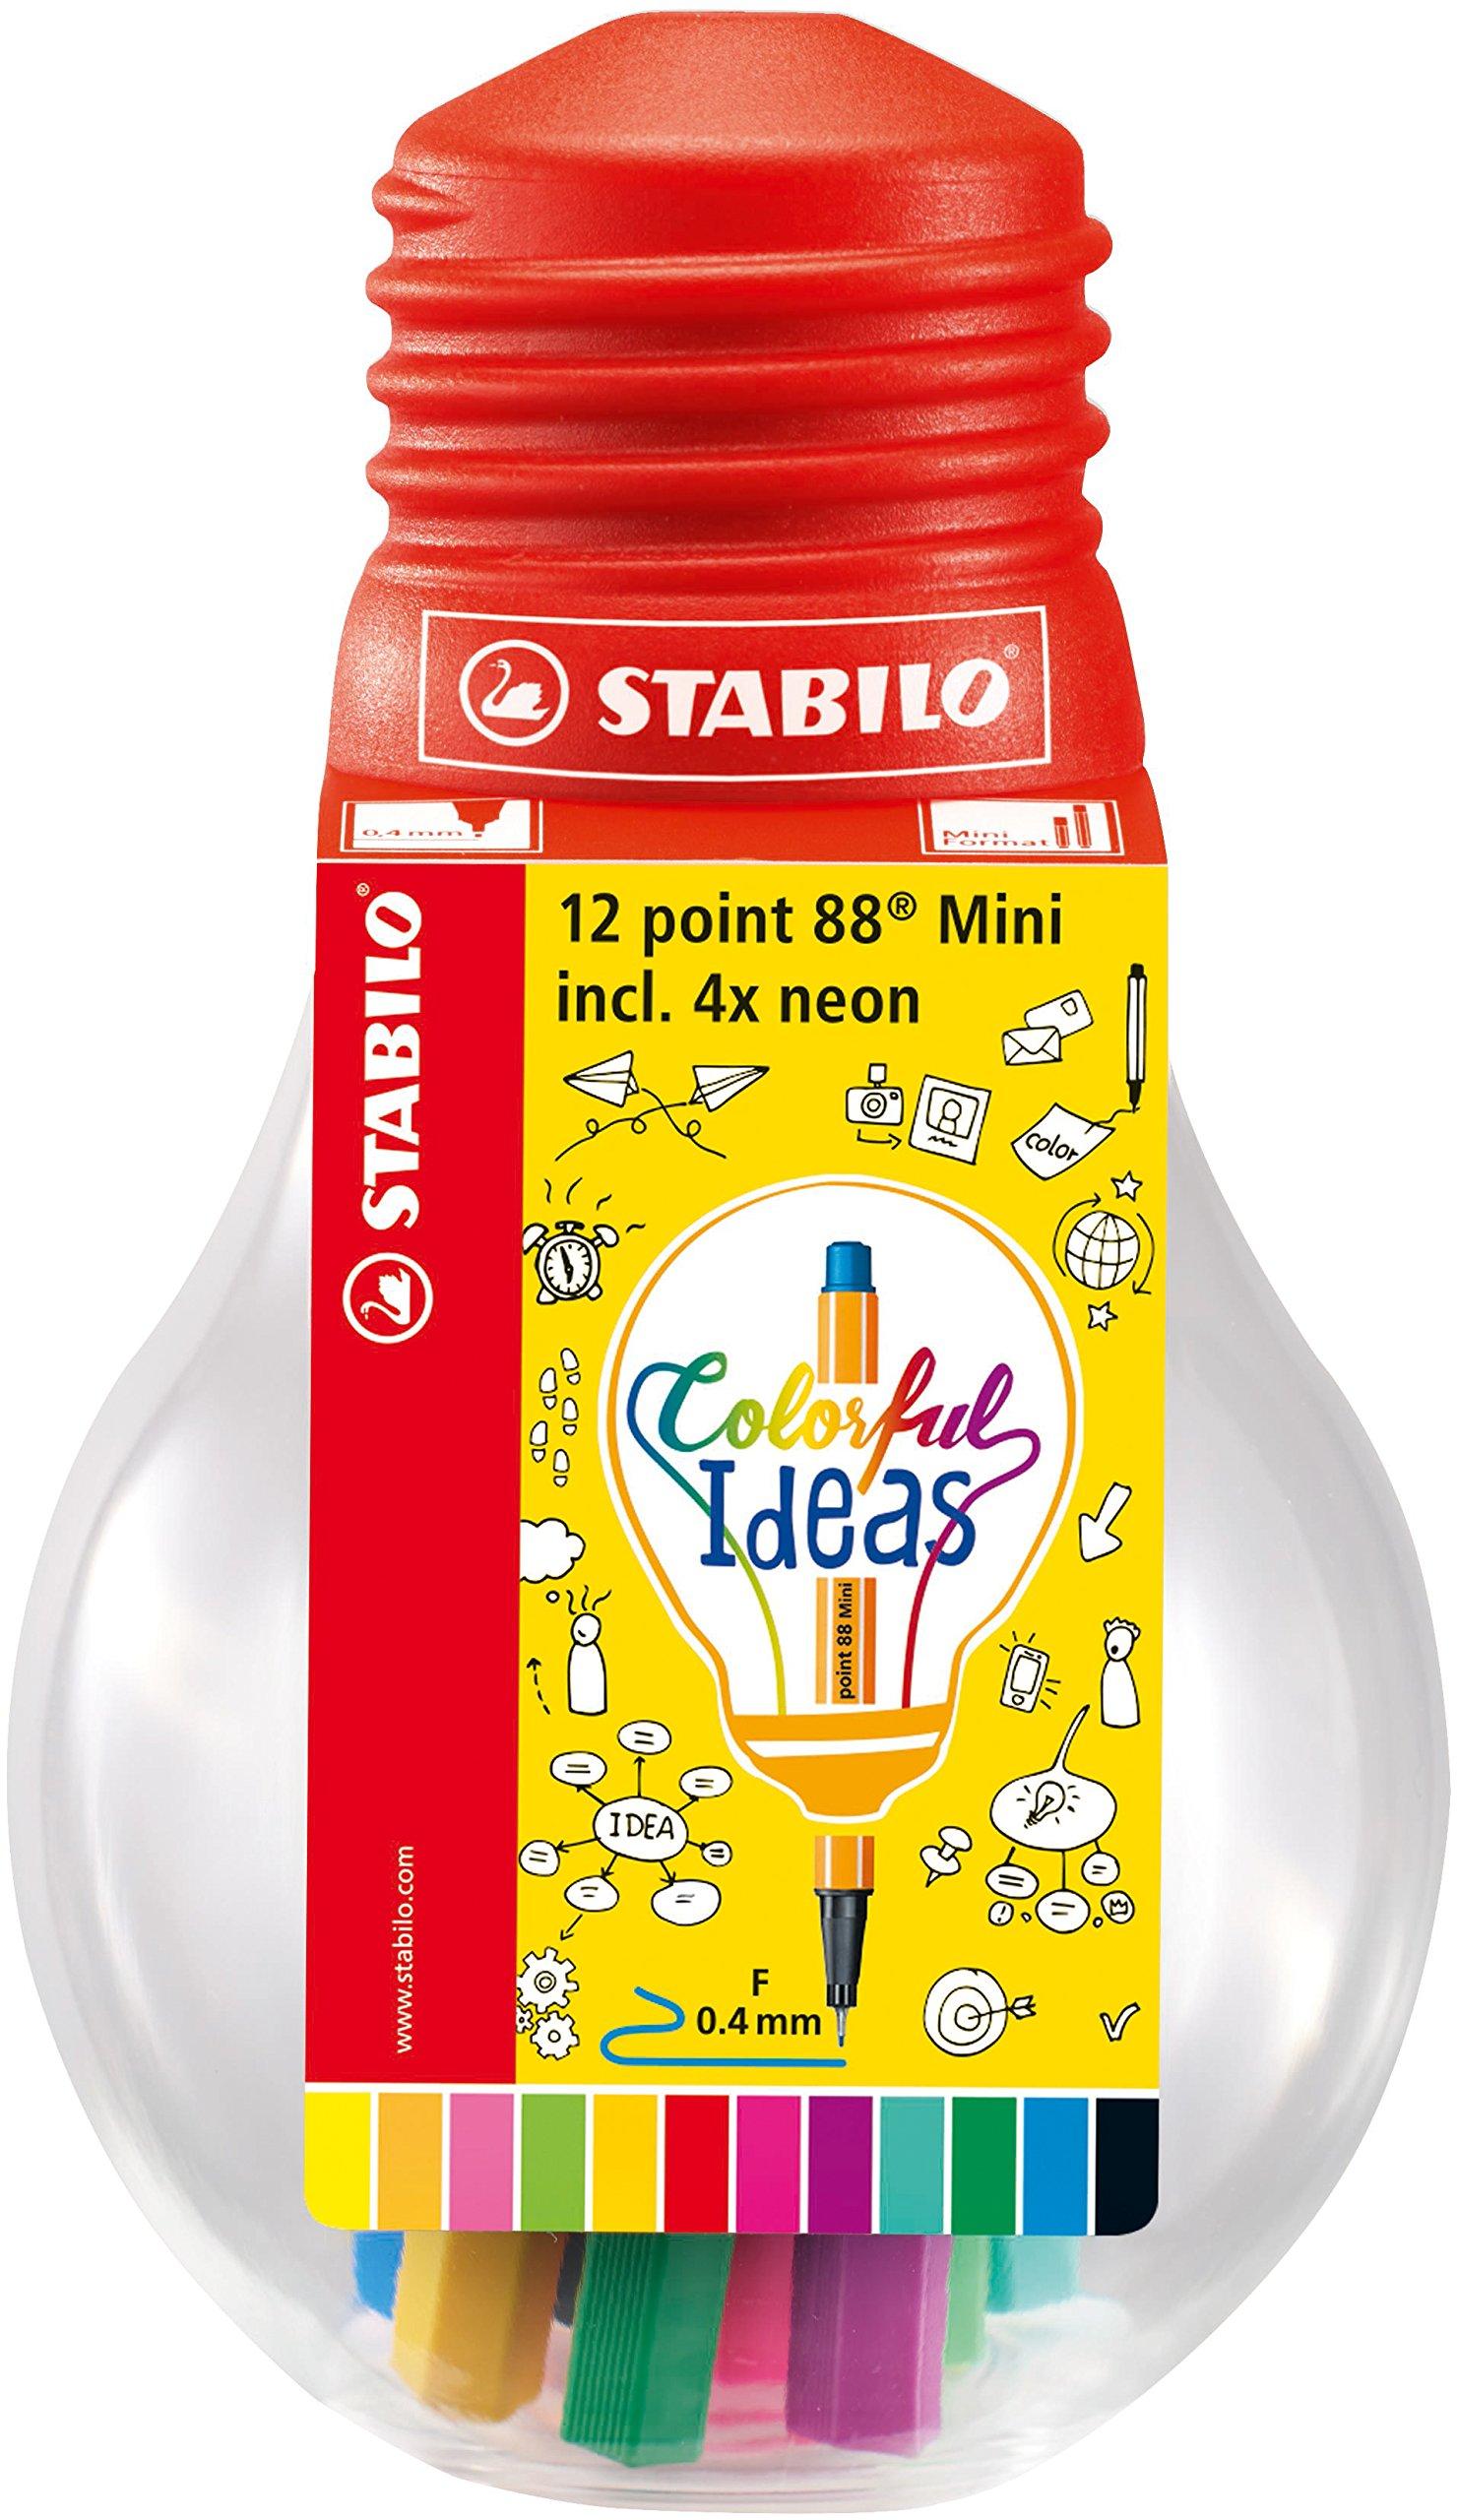 Rotulador punta fina STABILO point 88 mini – Estuche Colorful Ideas con 12 colores